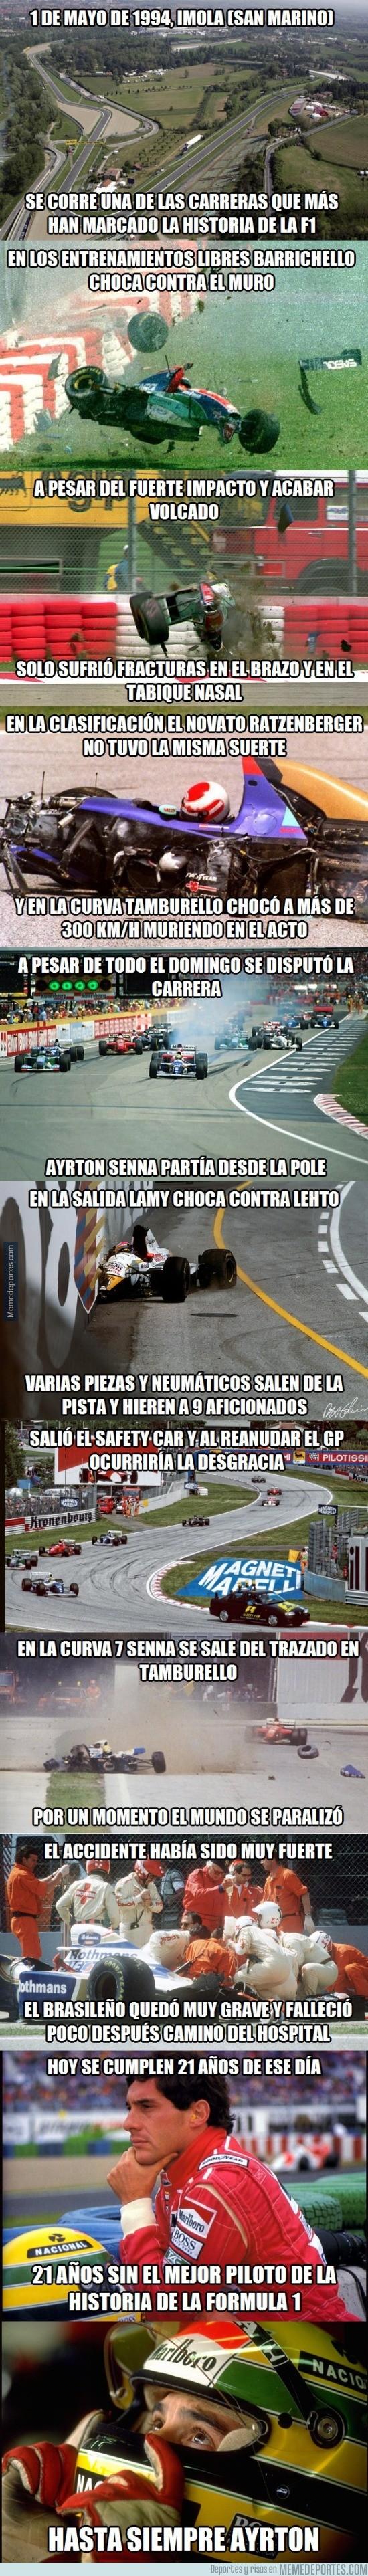 529379 - 21 años de la tragedia de Ayrton Senna